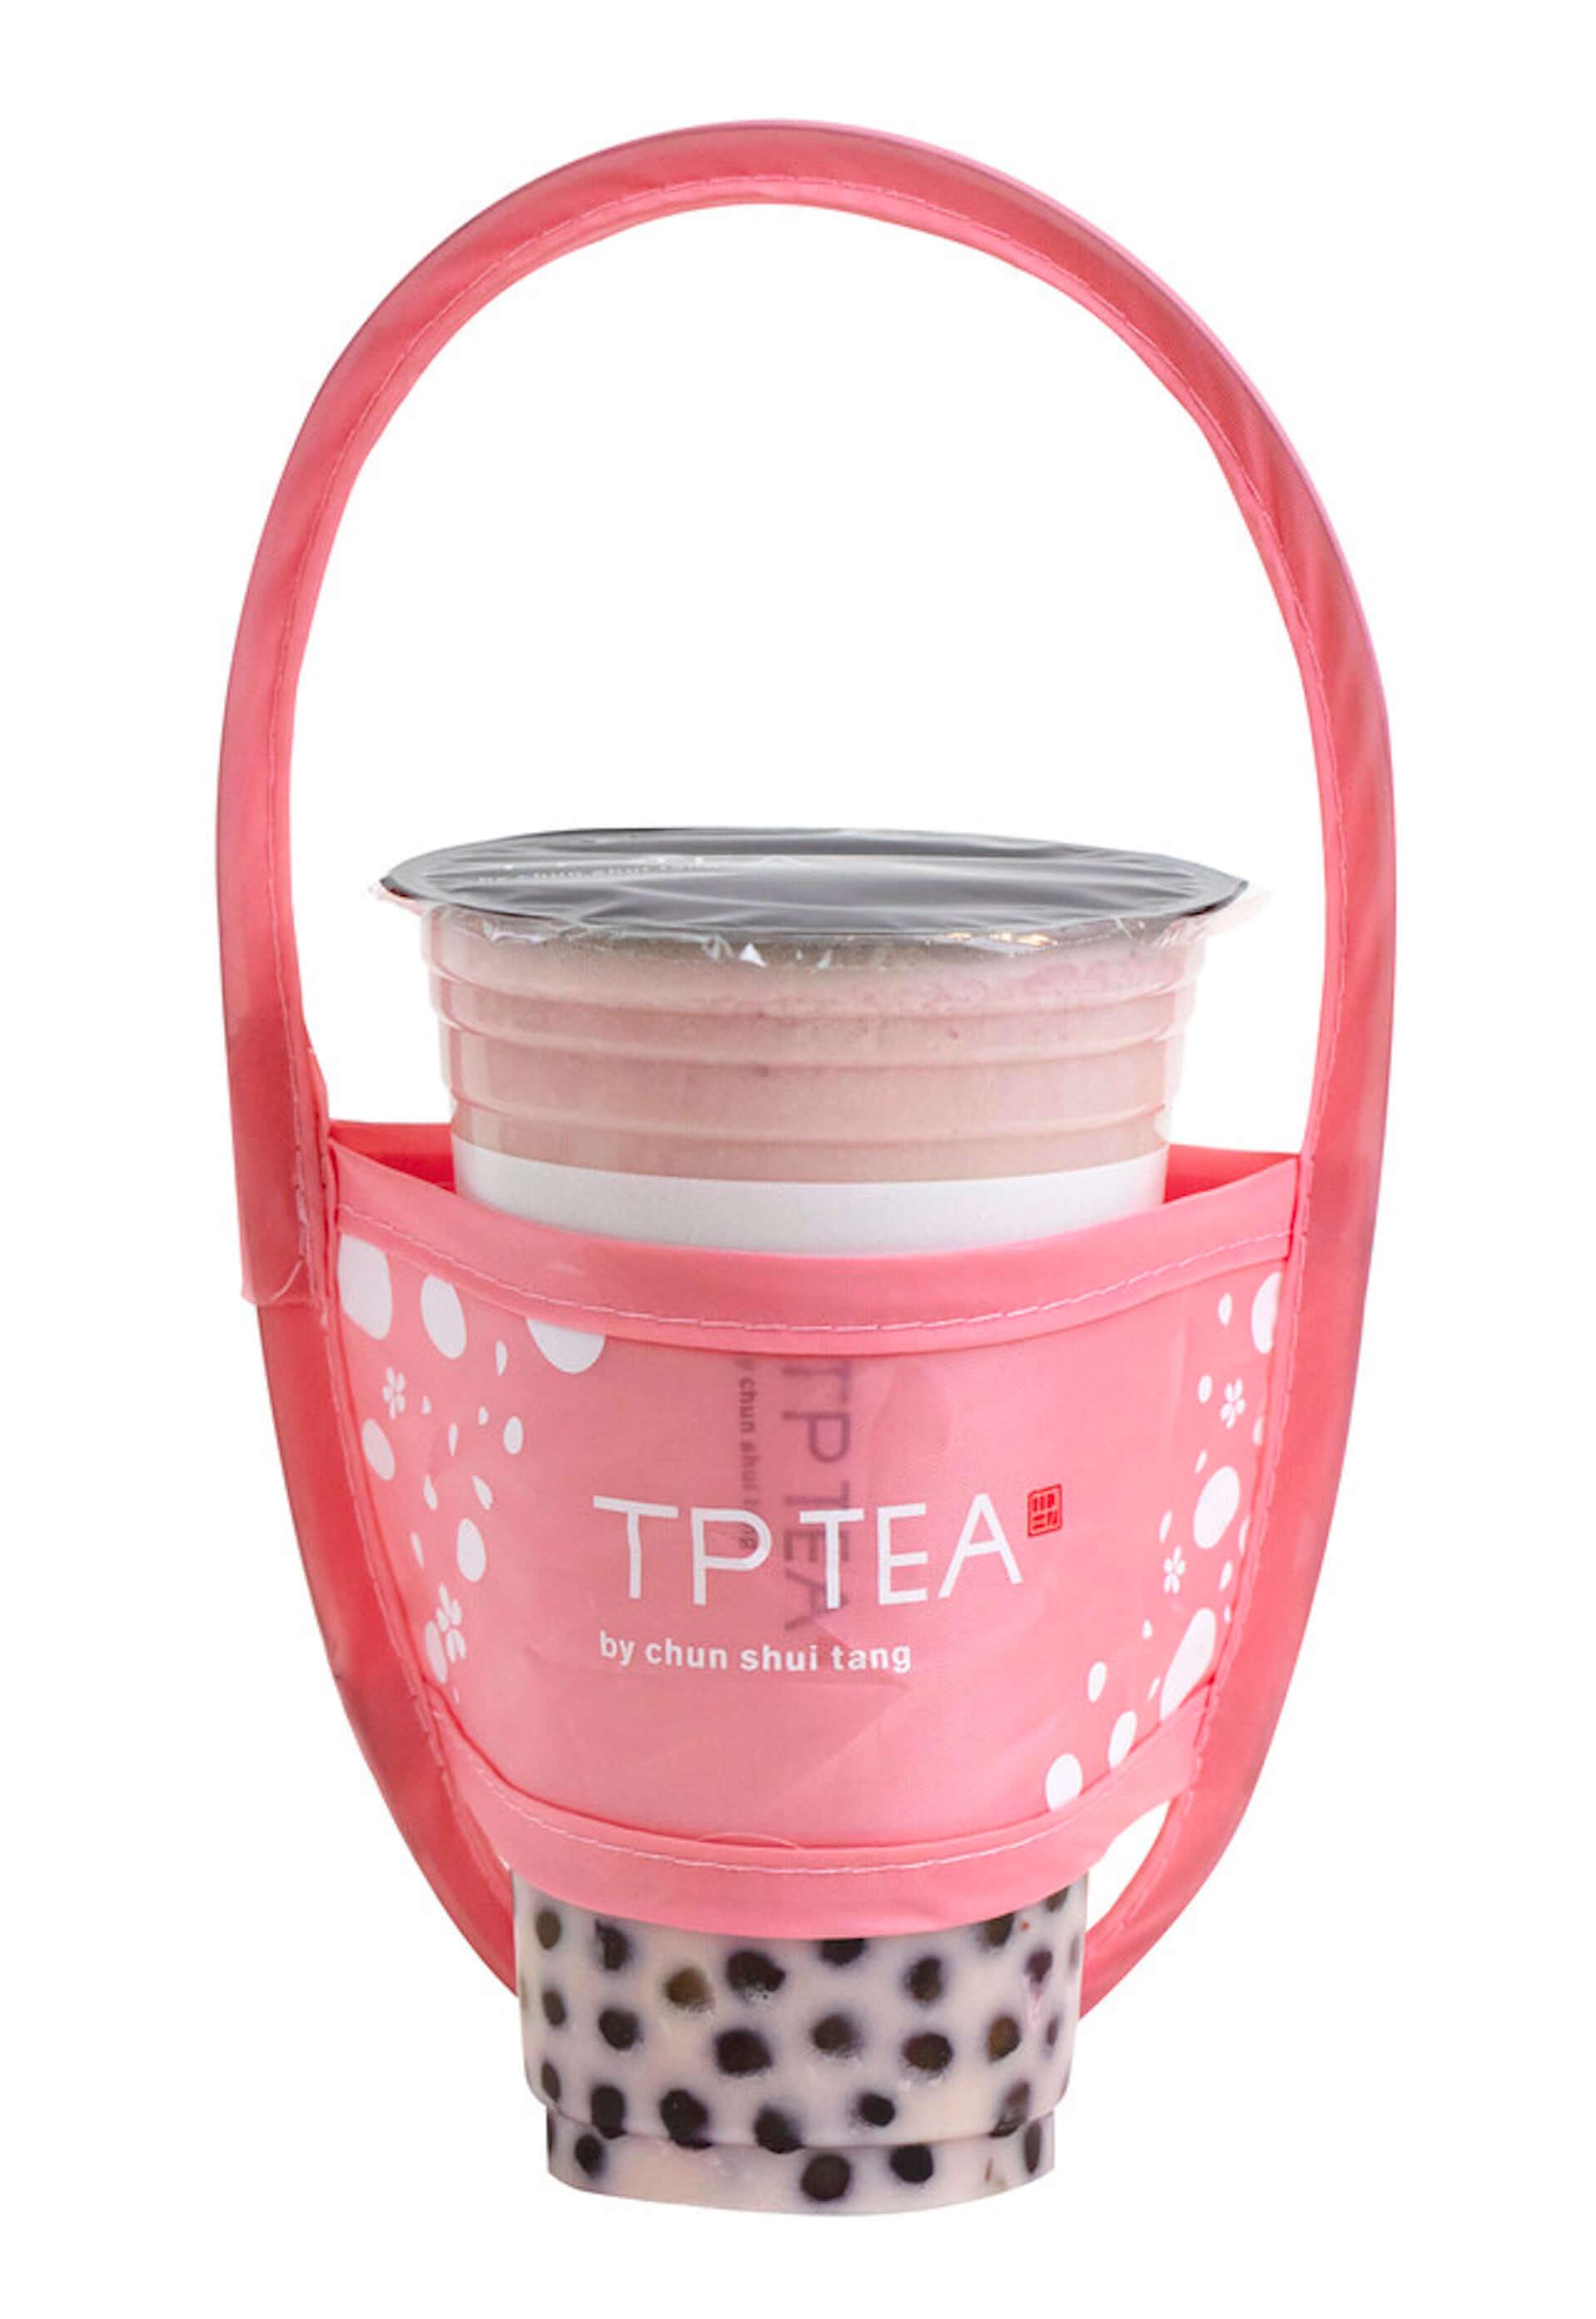 タピオカミルクティー発祥・TP TEAから春薫る『タピオカ桜ラテ』が3月末まで限定販売!『タピオカ麦茶ラテ』など新たなアレンジティーも gourmet200214_tptea_5-1-1920x2790